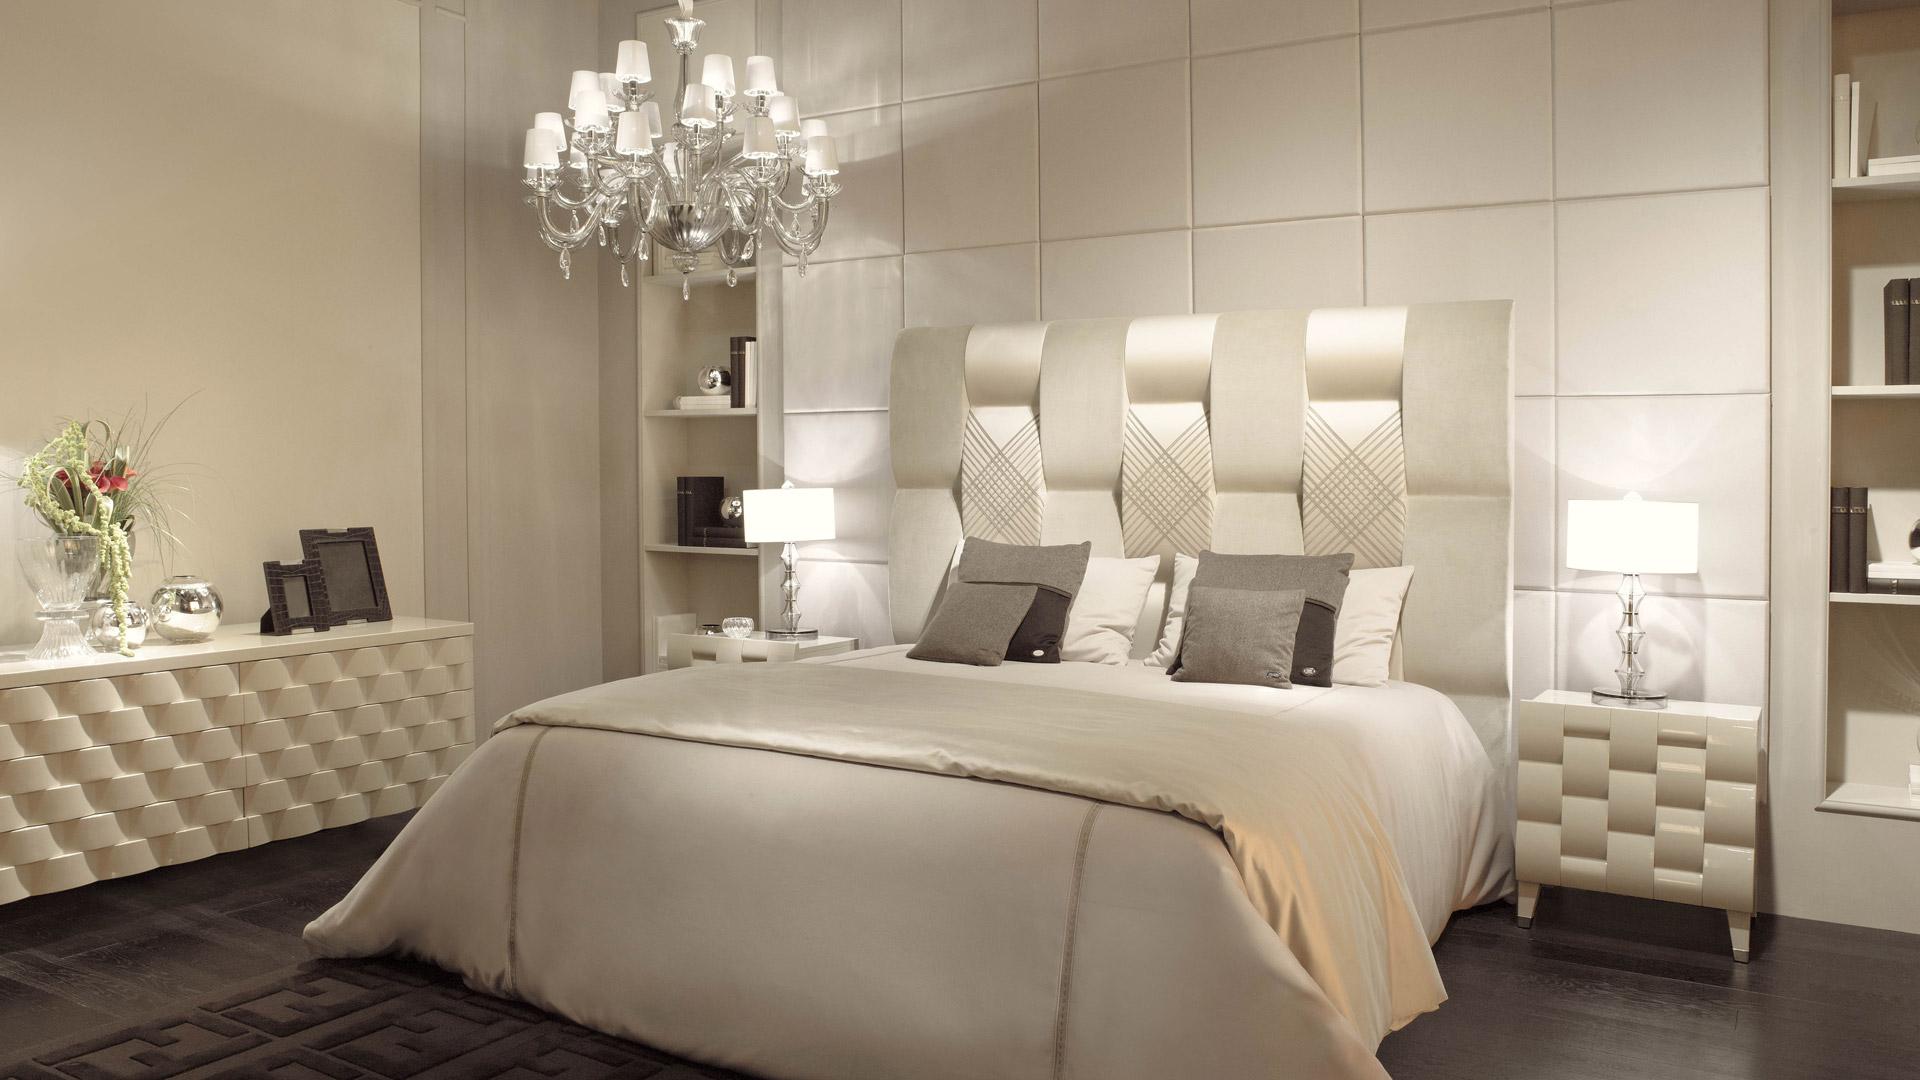 Camere da letto fendi 2013 2 design mon amour for Camere da letto 2016